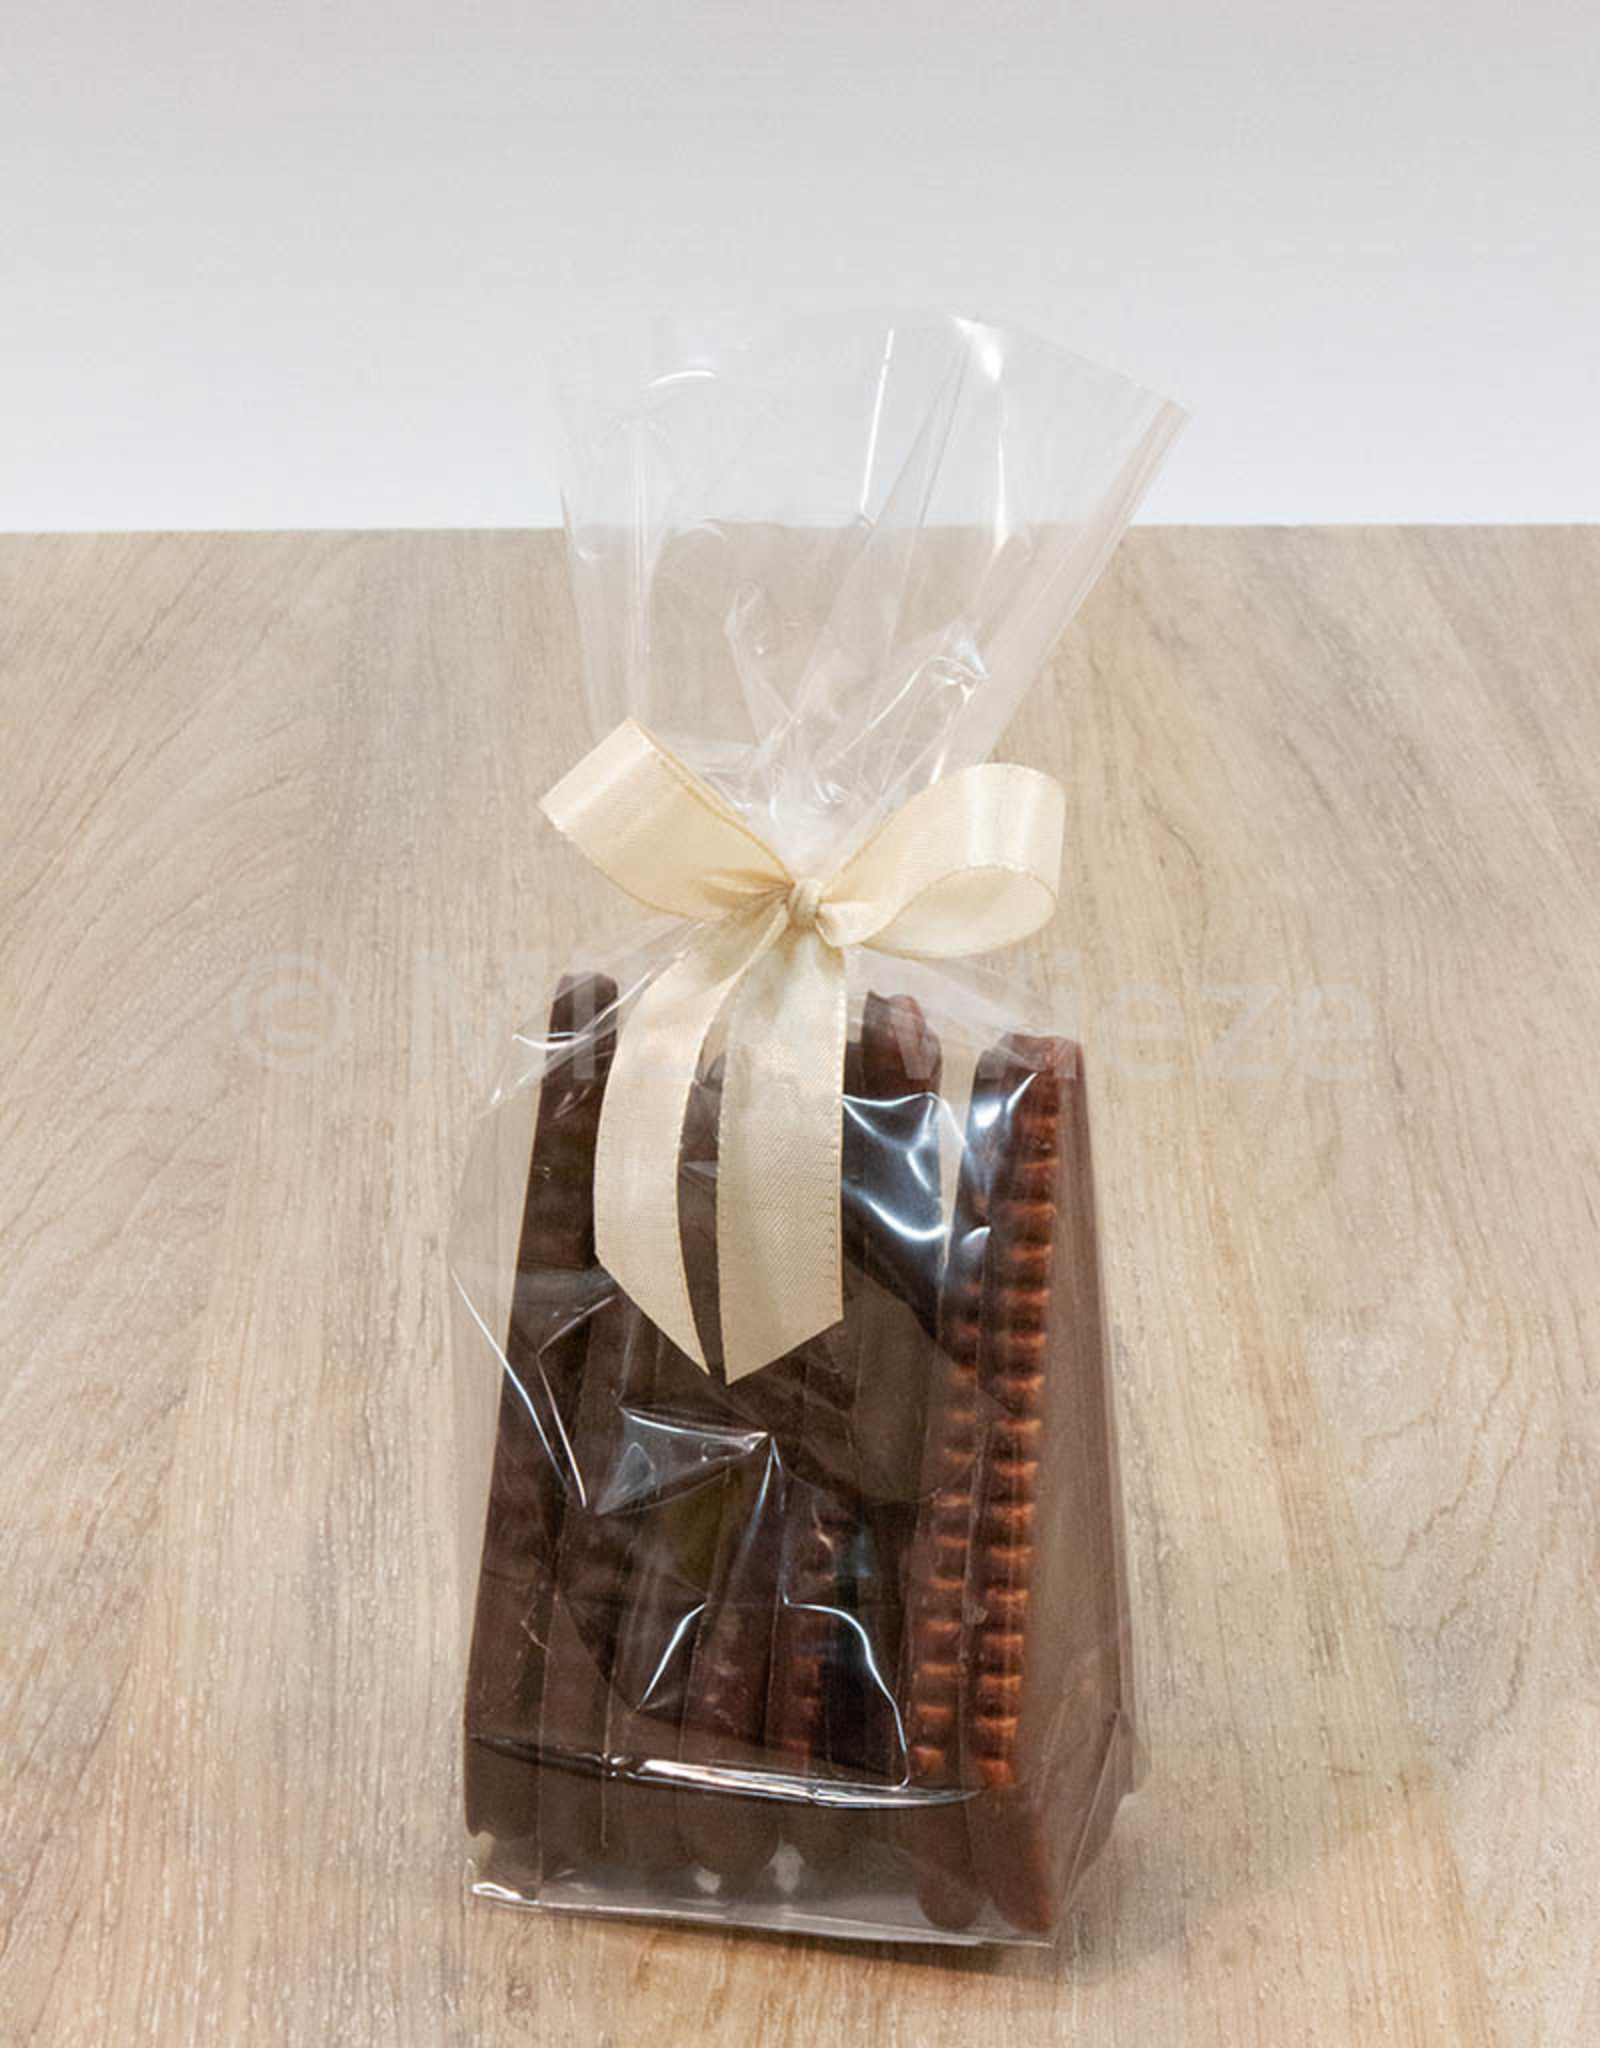 Guimauve gerief gechocolateerd - 8 stuks